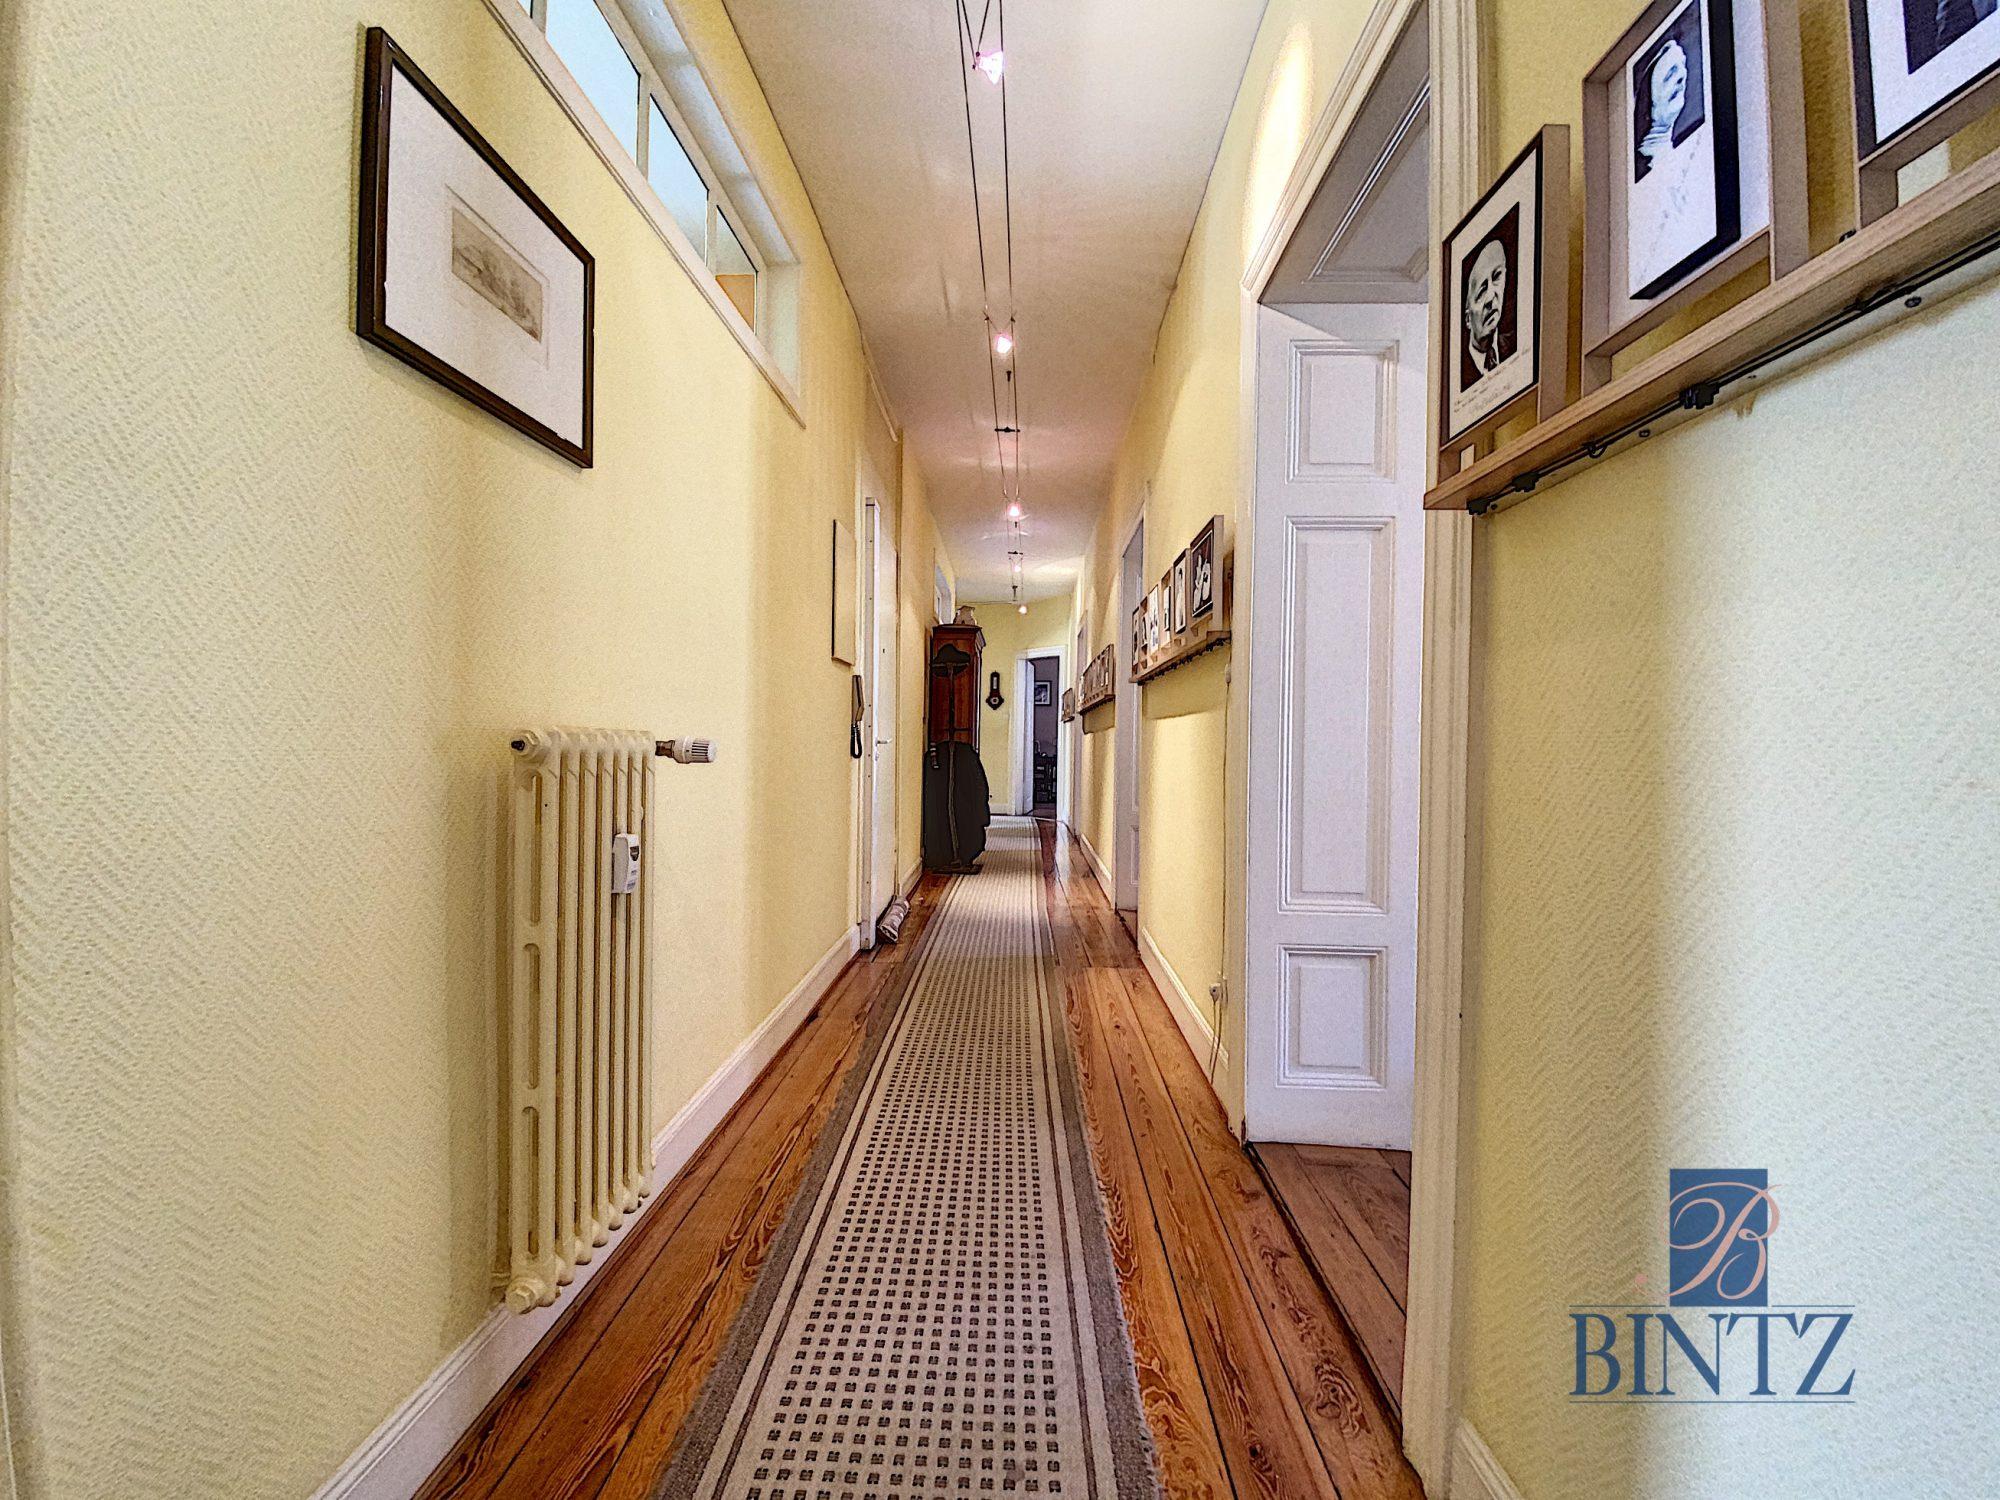 Appartement de 7 pièces – Rue Schwendi - Devenez propriétaire en toute confiance - Bintz Immobilier - 6